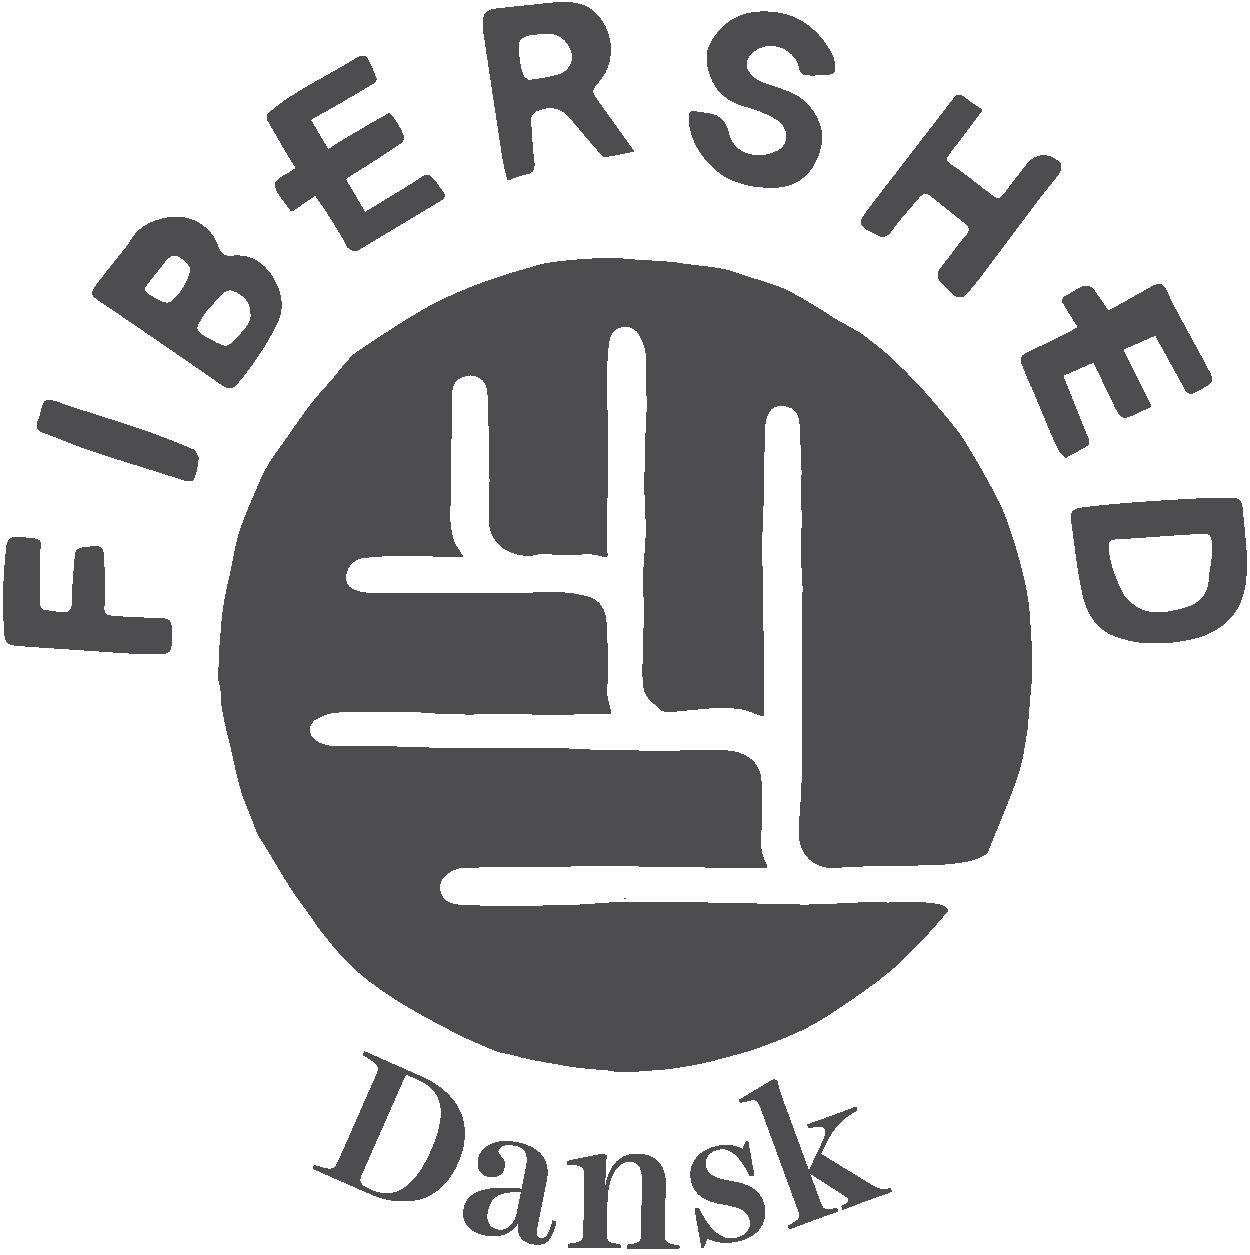 Dansk Fibershed_dark 1250pxl